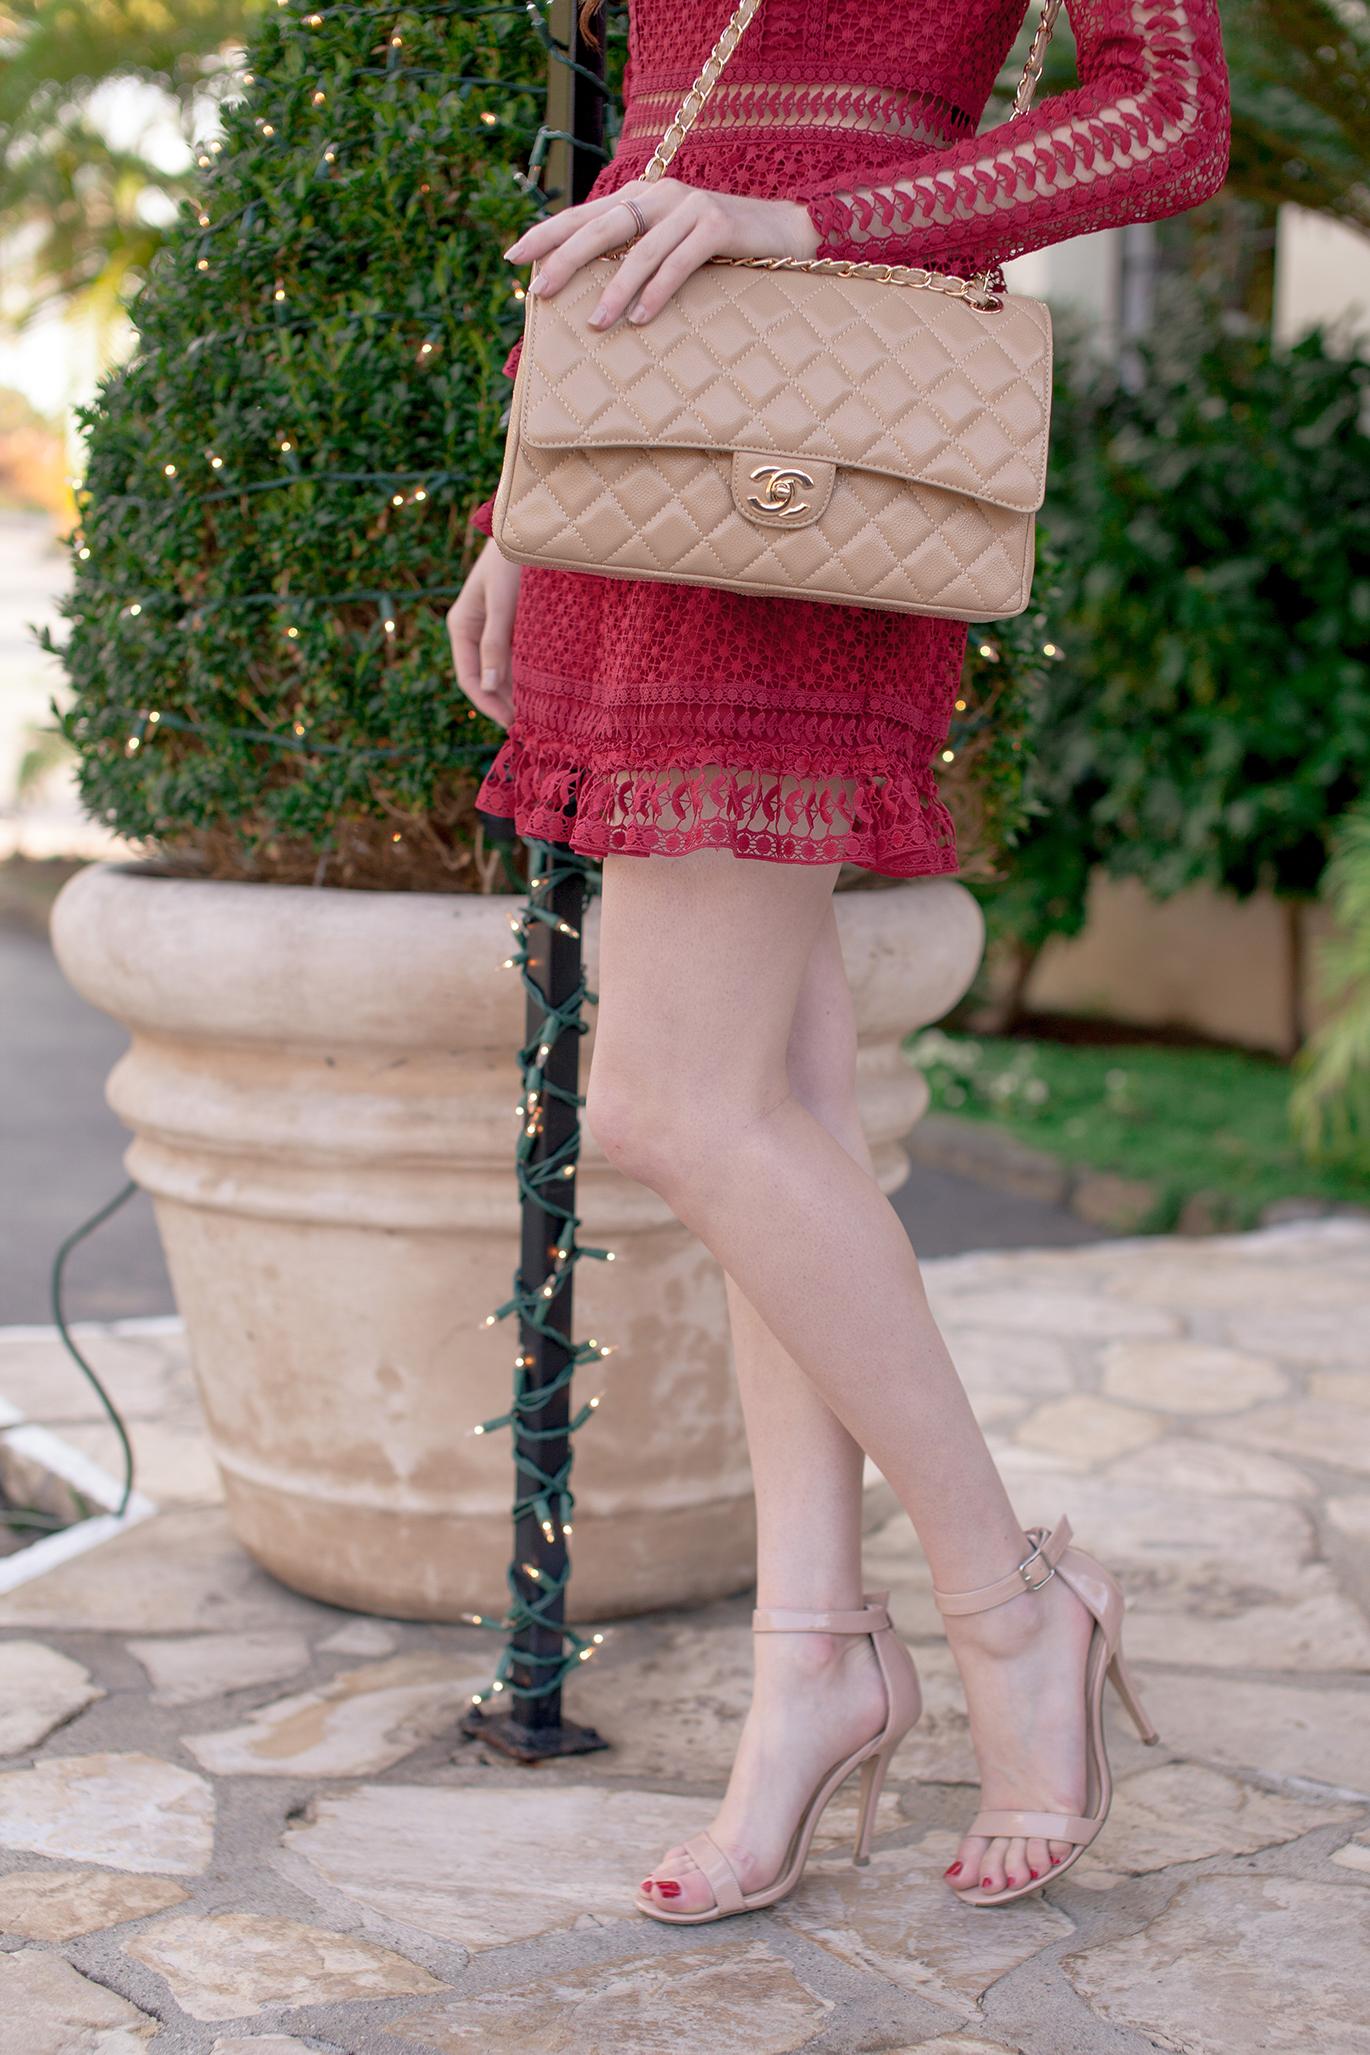 Nude Chanel handbag